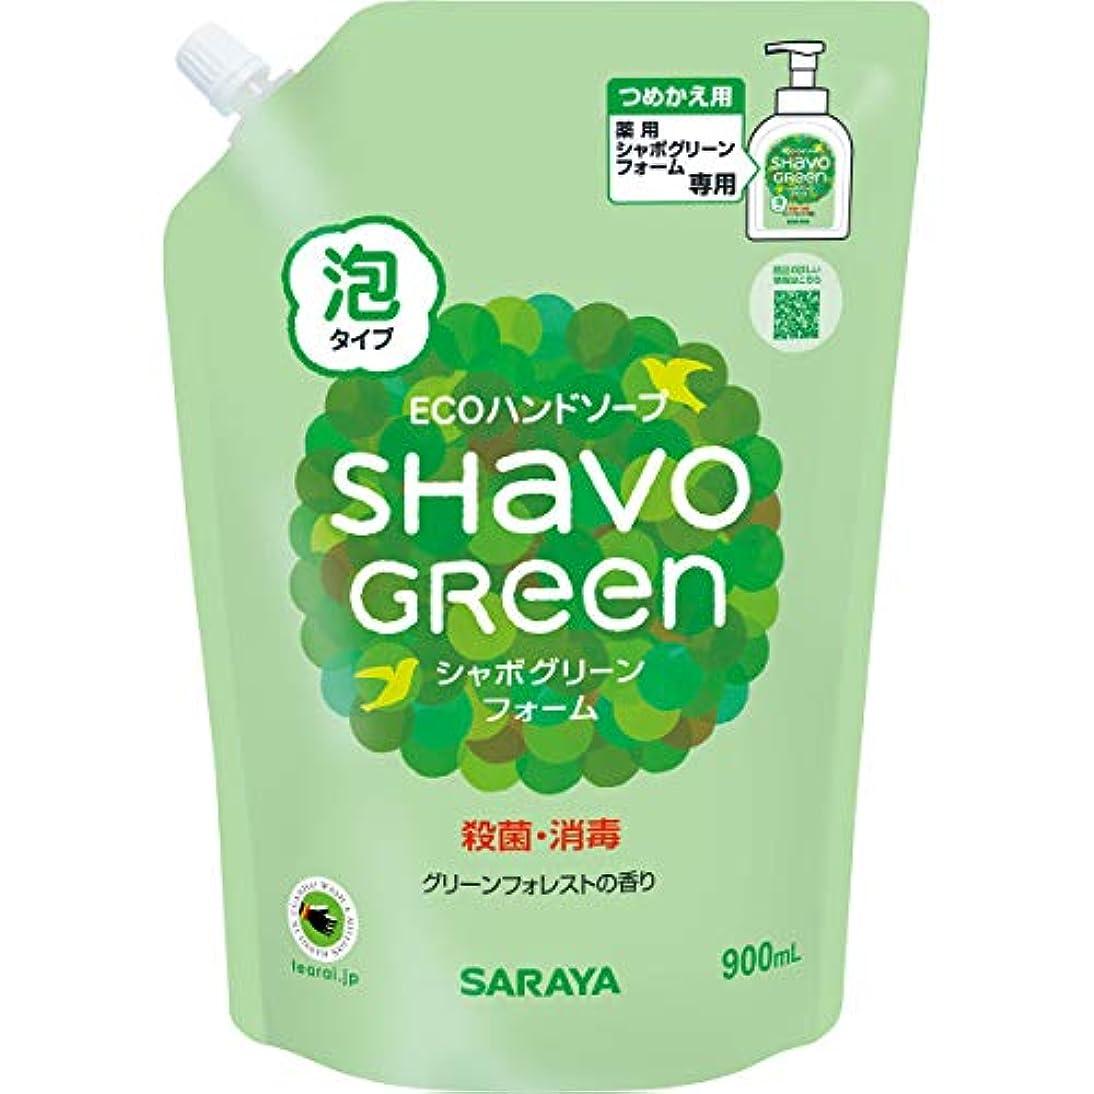 すすり泣き促進する仮定するサラヤ シャボグリーンフォーム 900ml詰替用 石鹸